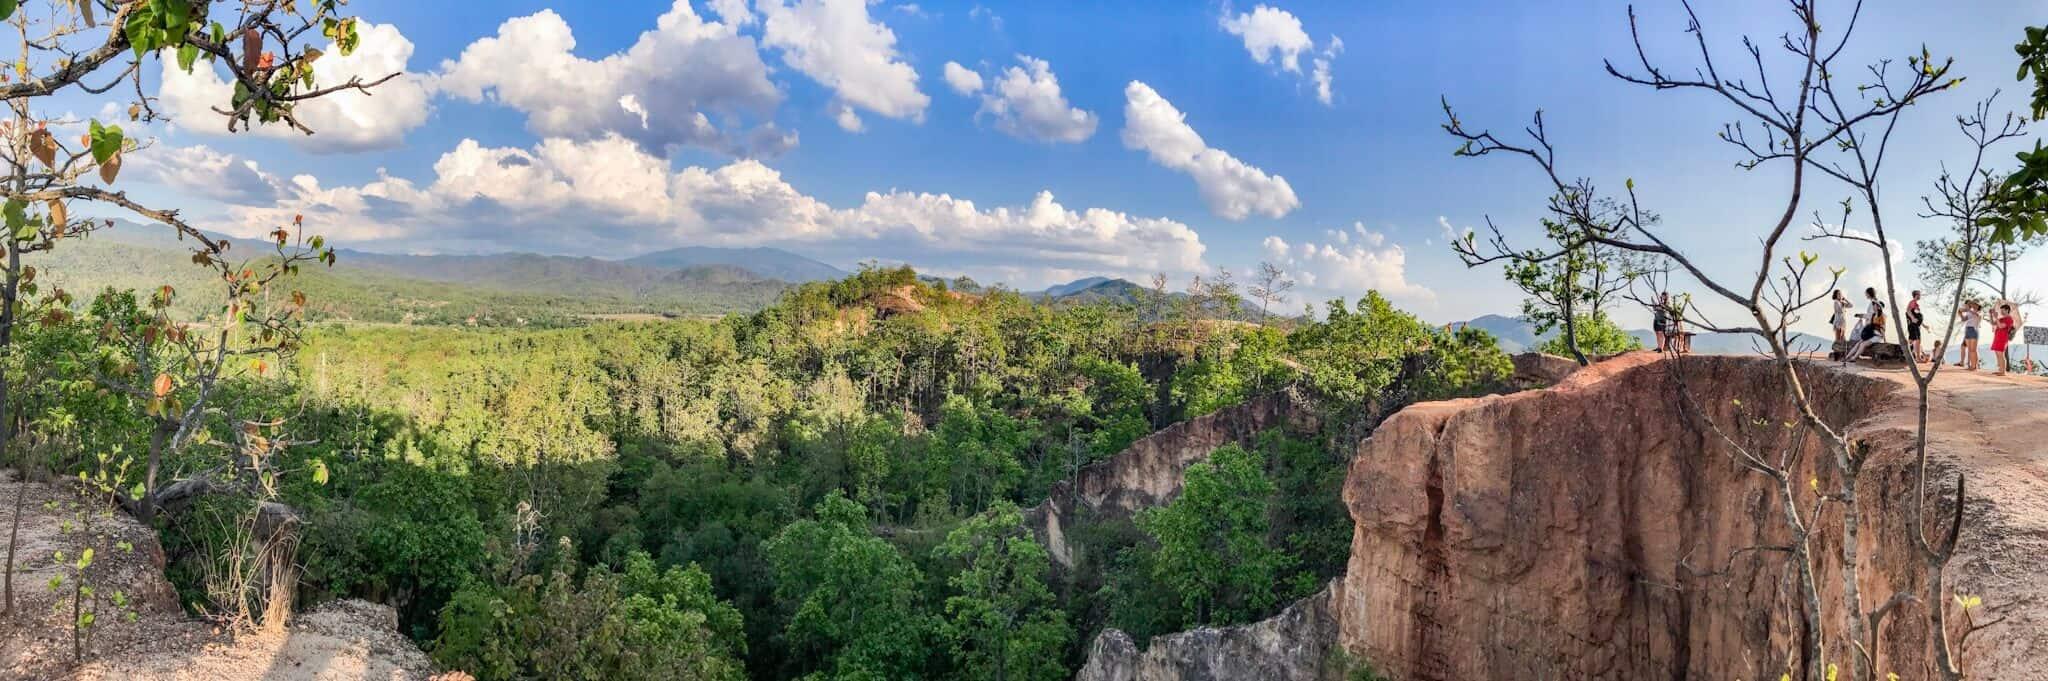 Pai für digitale Nomaden – Pai Canyon